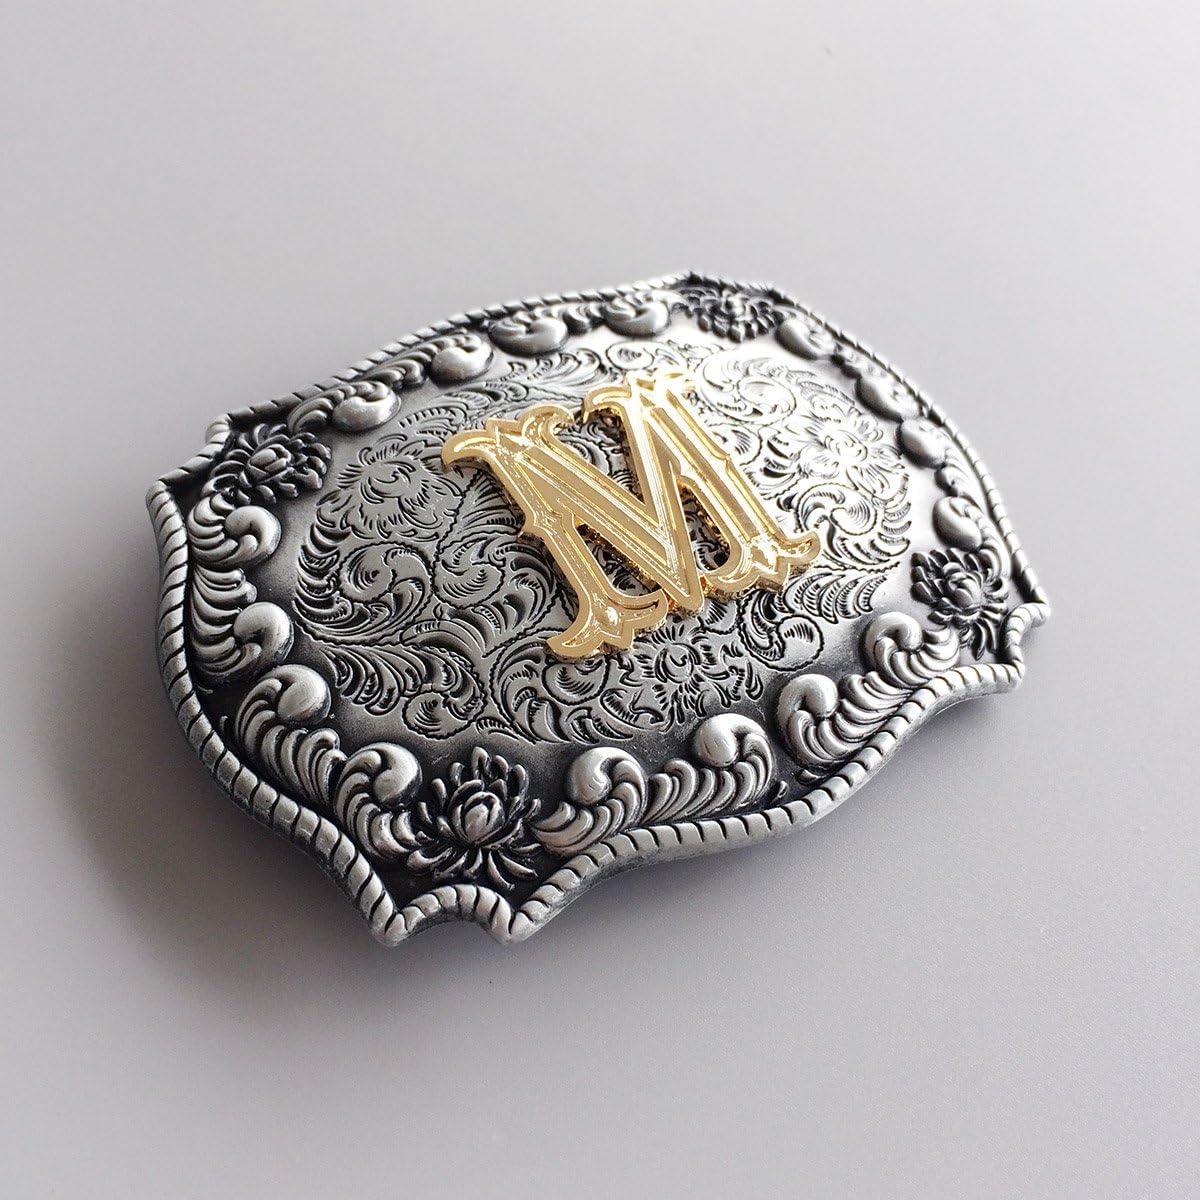 New Initial Letter M Belt Buckle for Men Boucle de ceinture